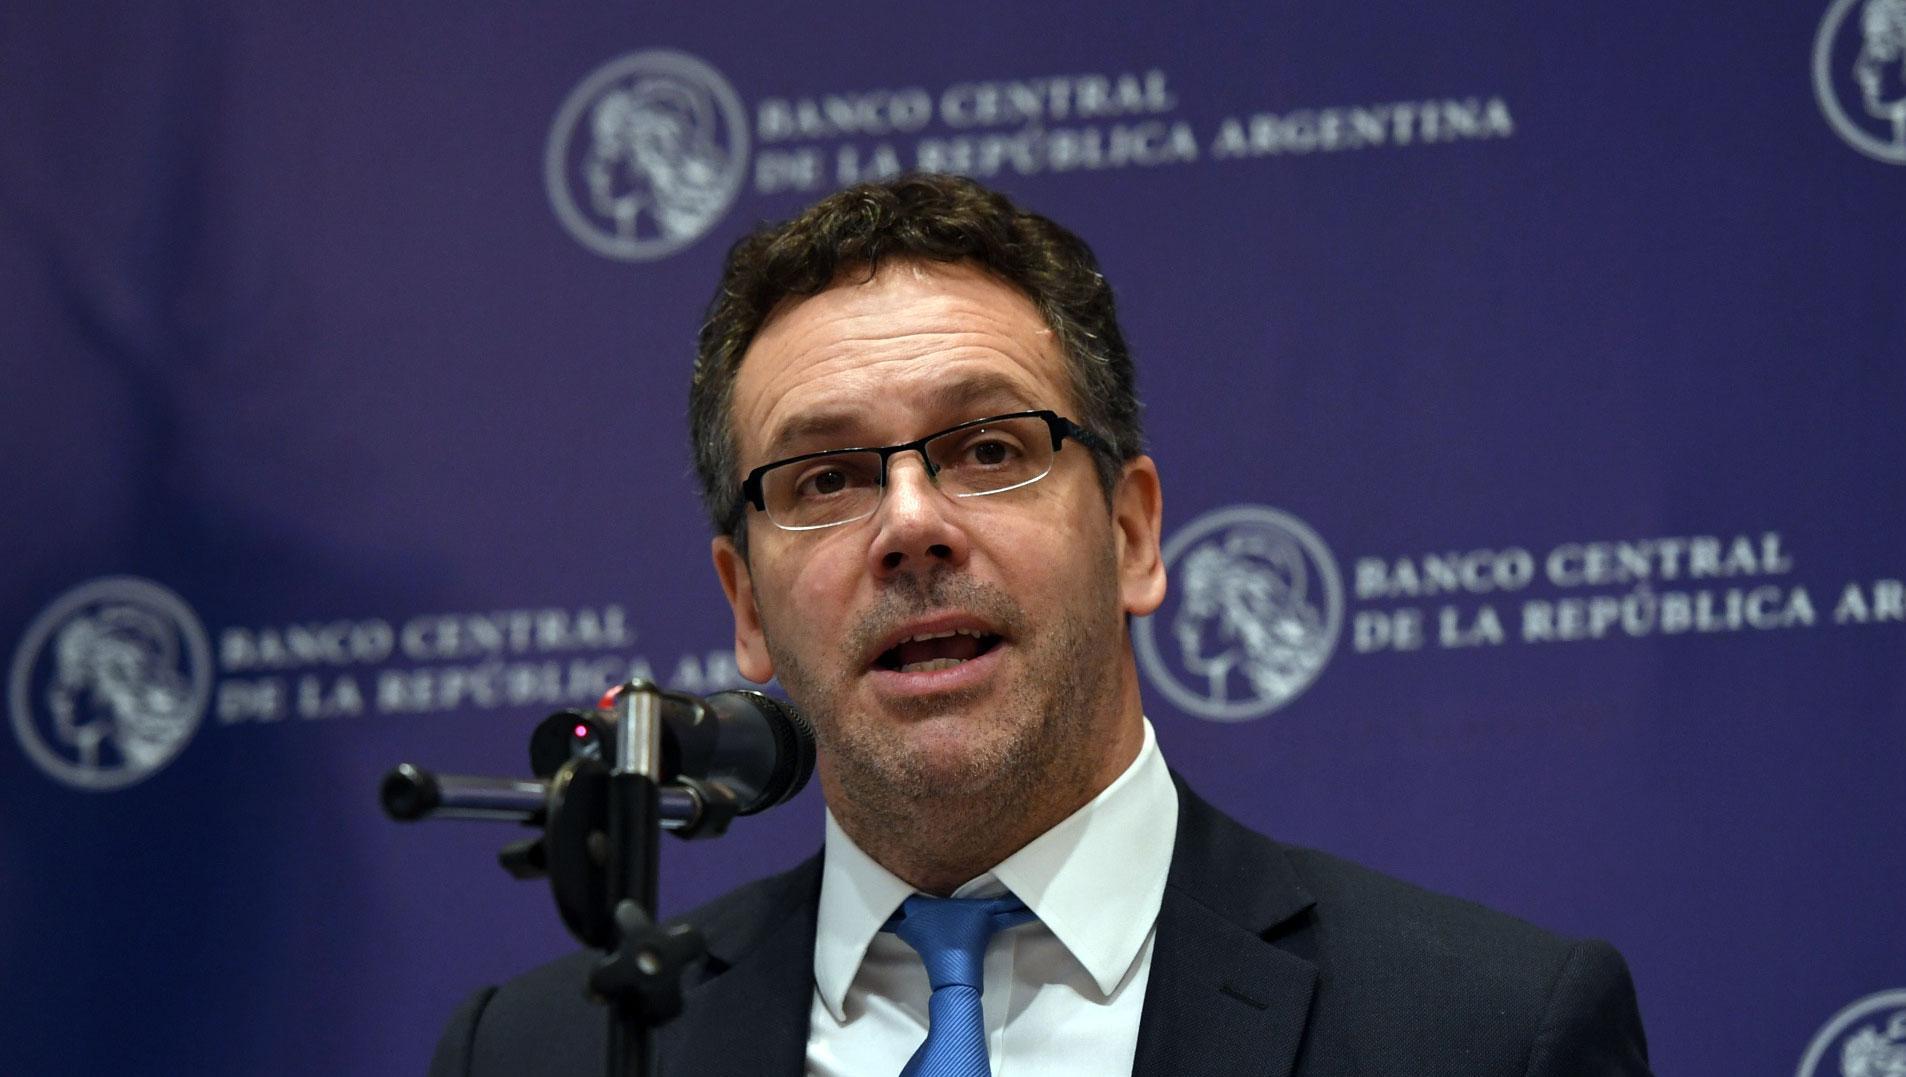 Argentina endurece mercado cambiario: solo se podrán comprar US$ 200 por mes